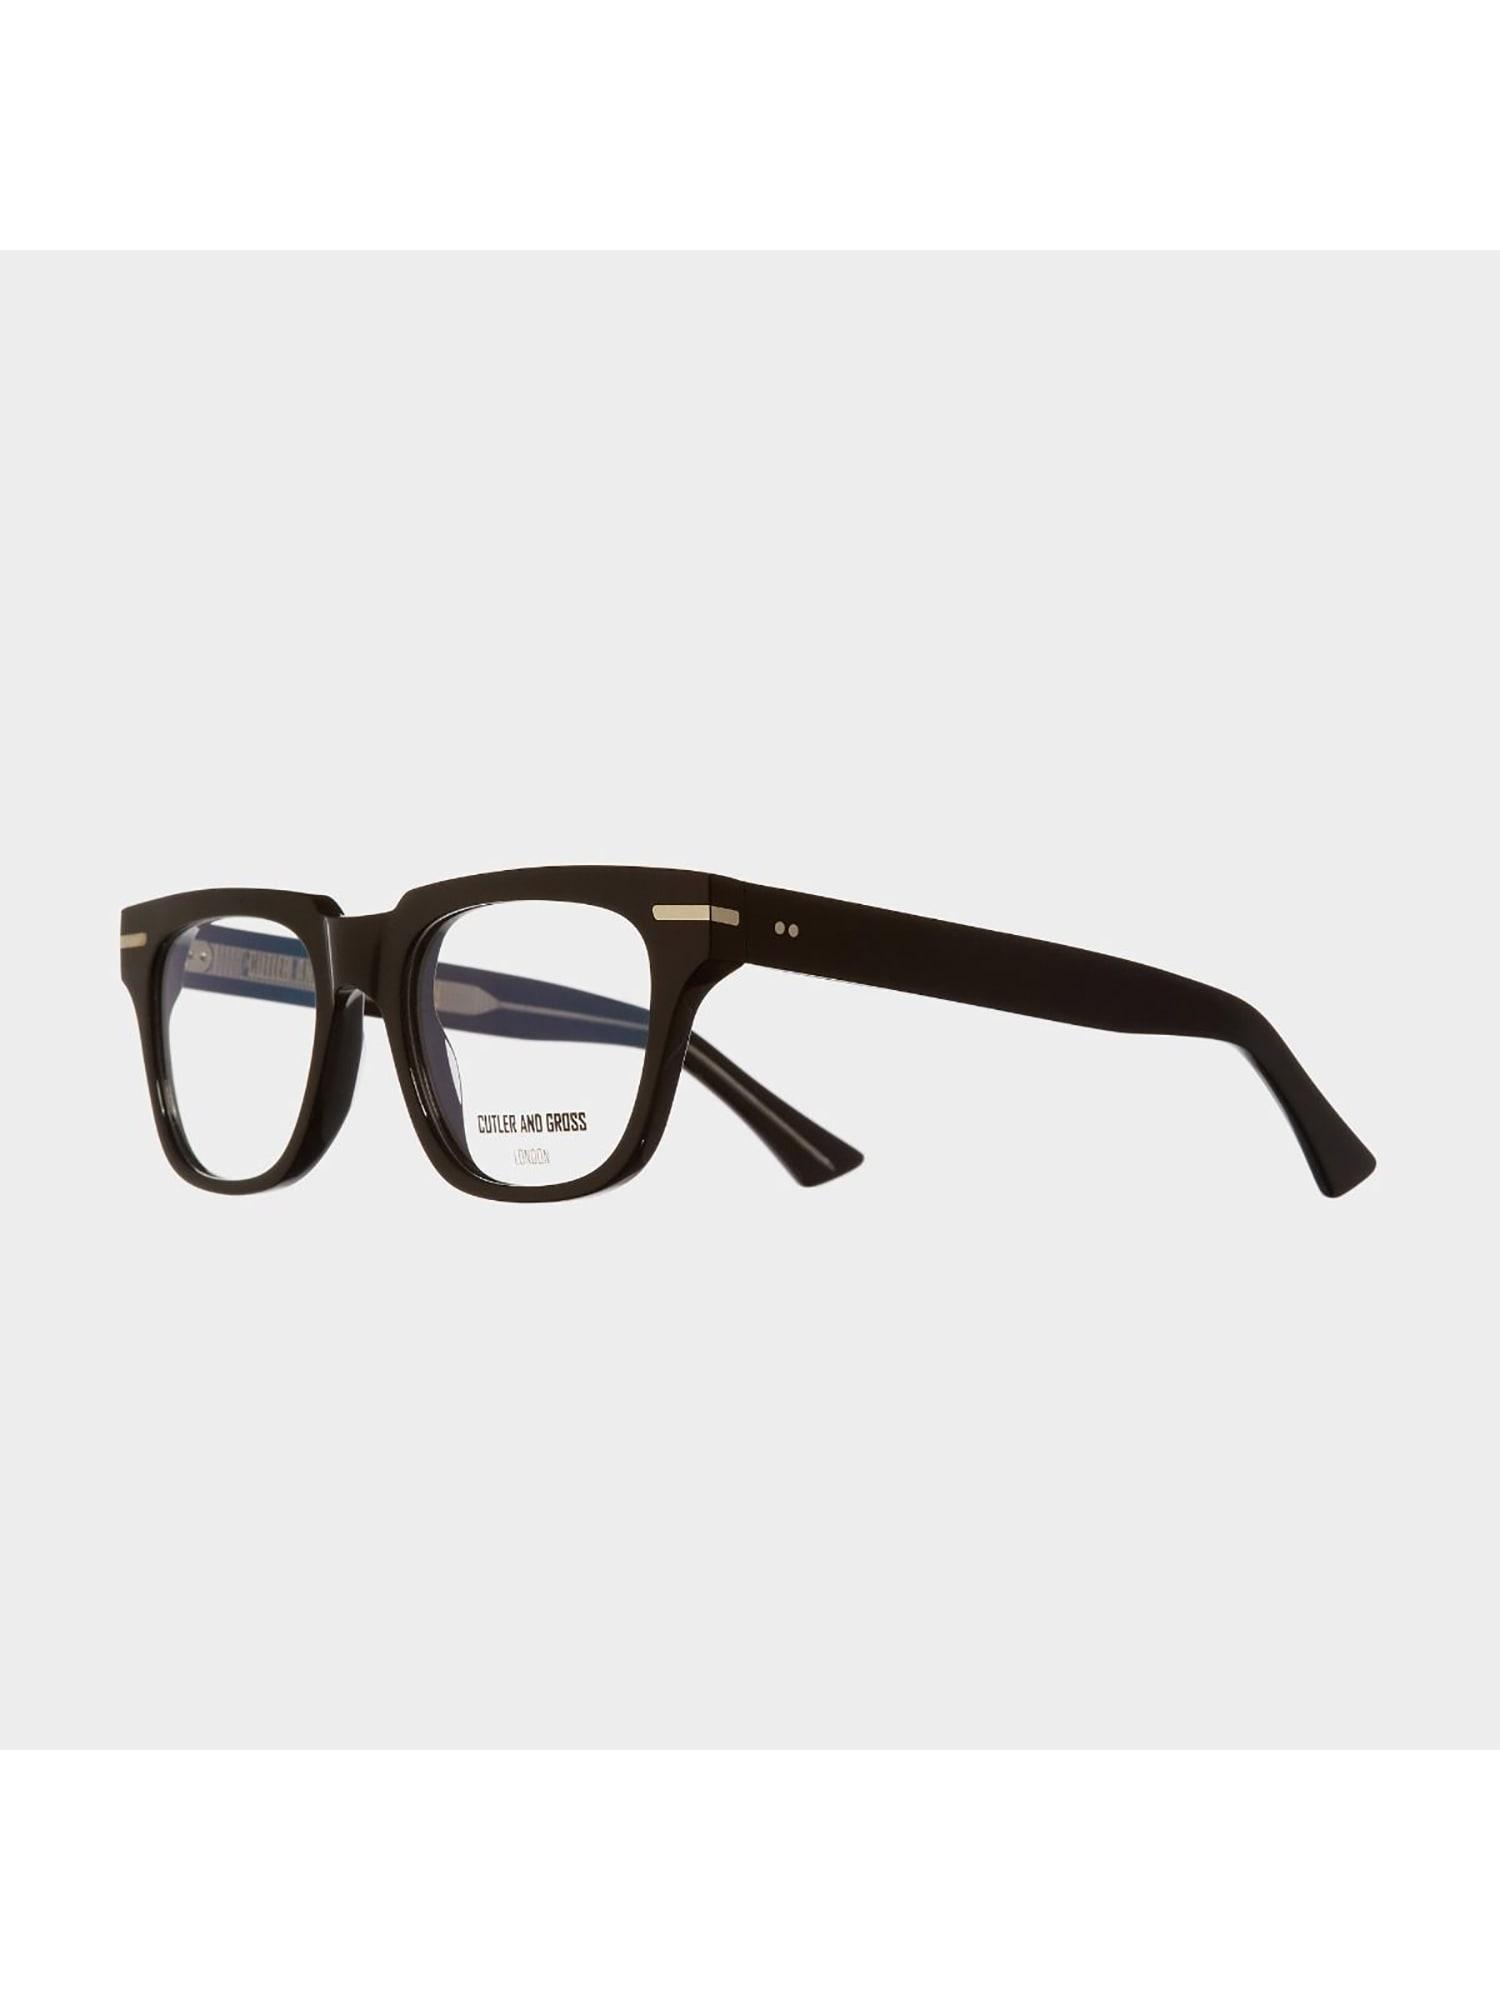 1355 Eyewear